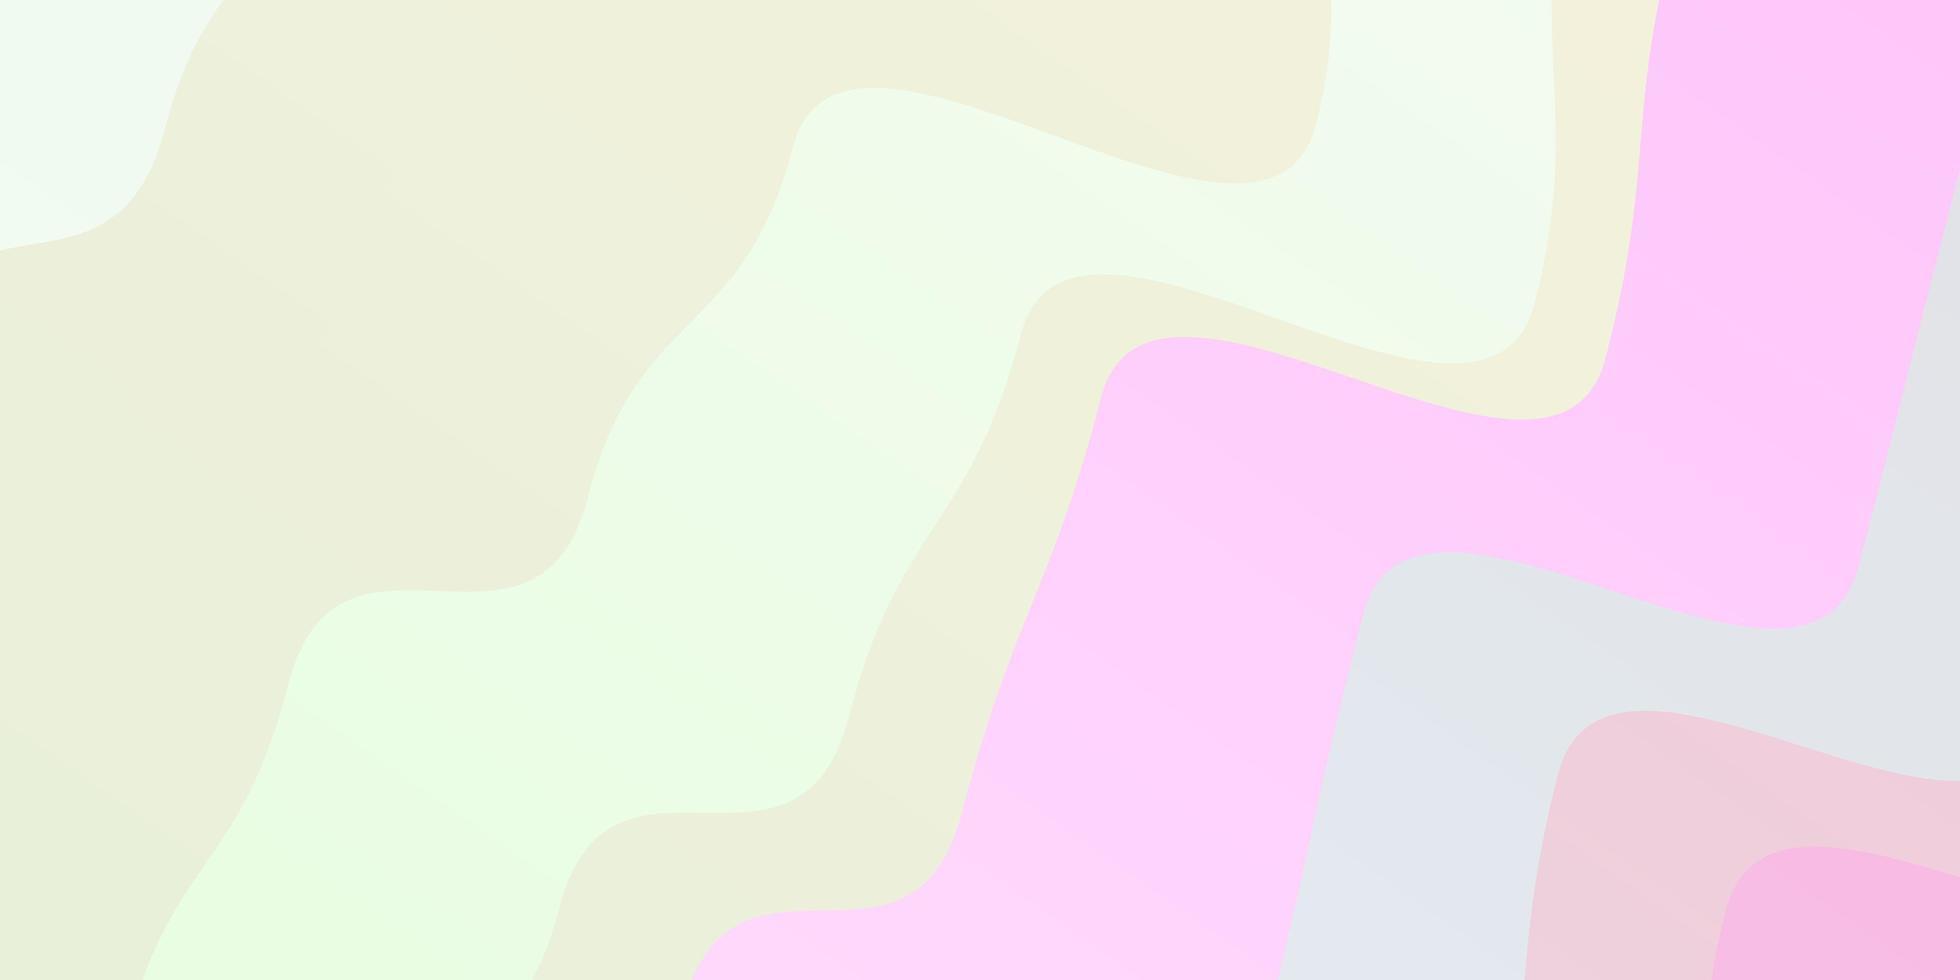 pano de fundo rosa claro, amarelo vetor com arco circular.